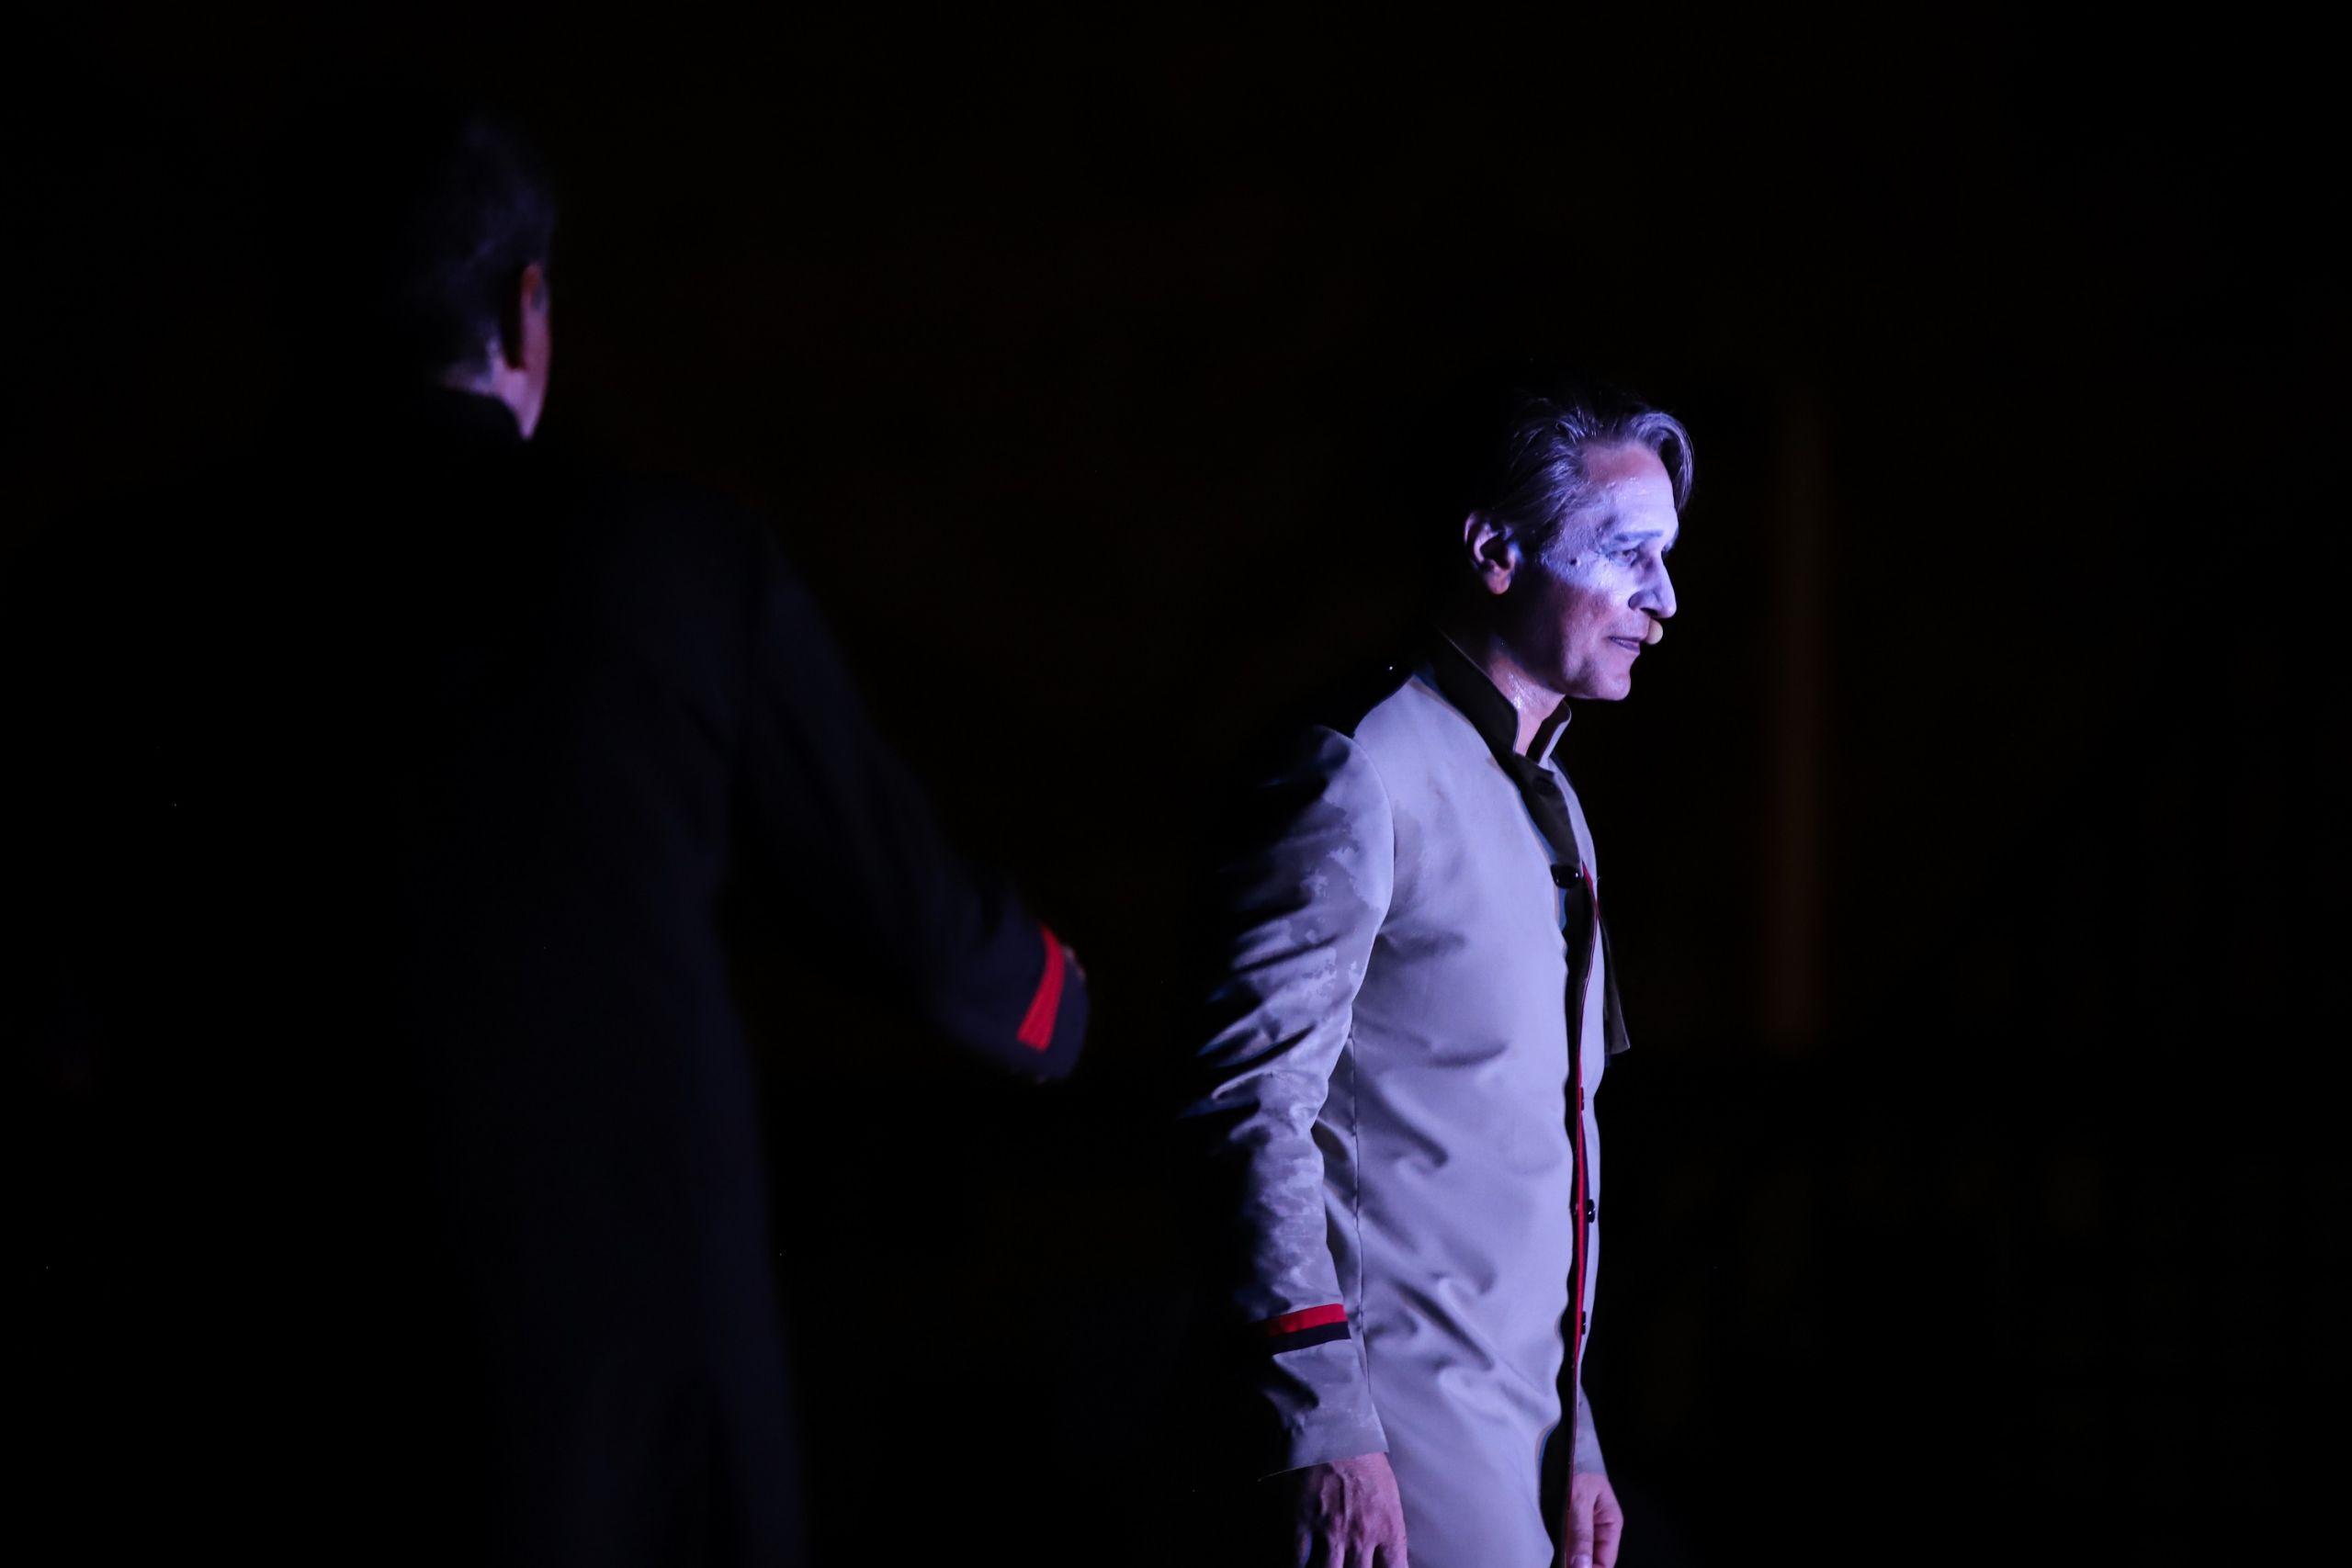 Οθέλλος σε σκηνοθεσία Αιμίλιου Χειλάκη στο Φεστιβάλ Κολωνού